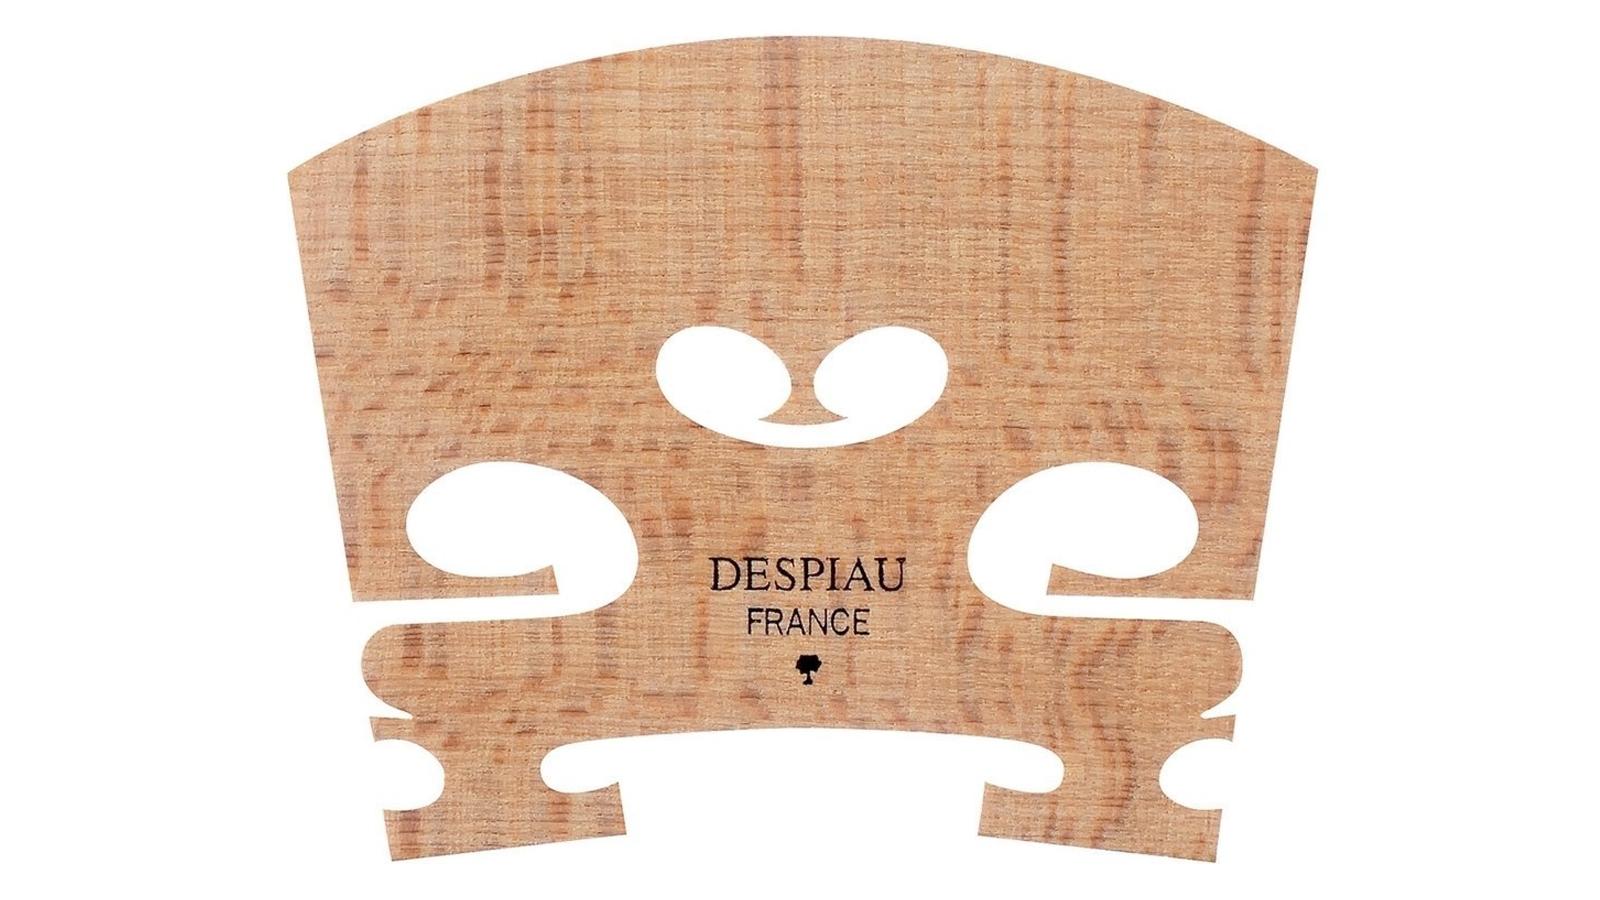 Gewa 405442 Despiau Violinsteg 4/4